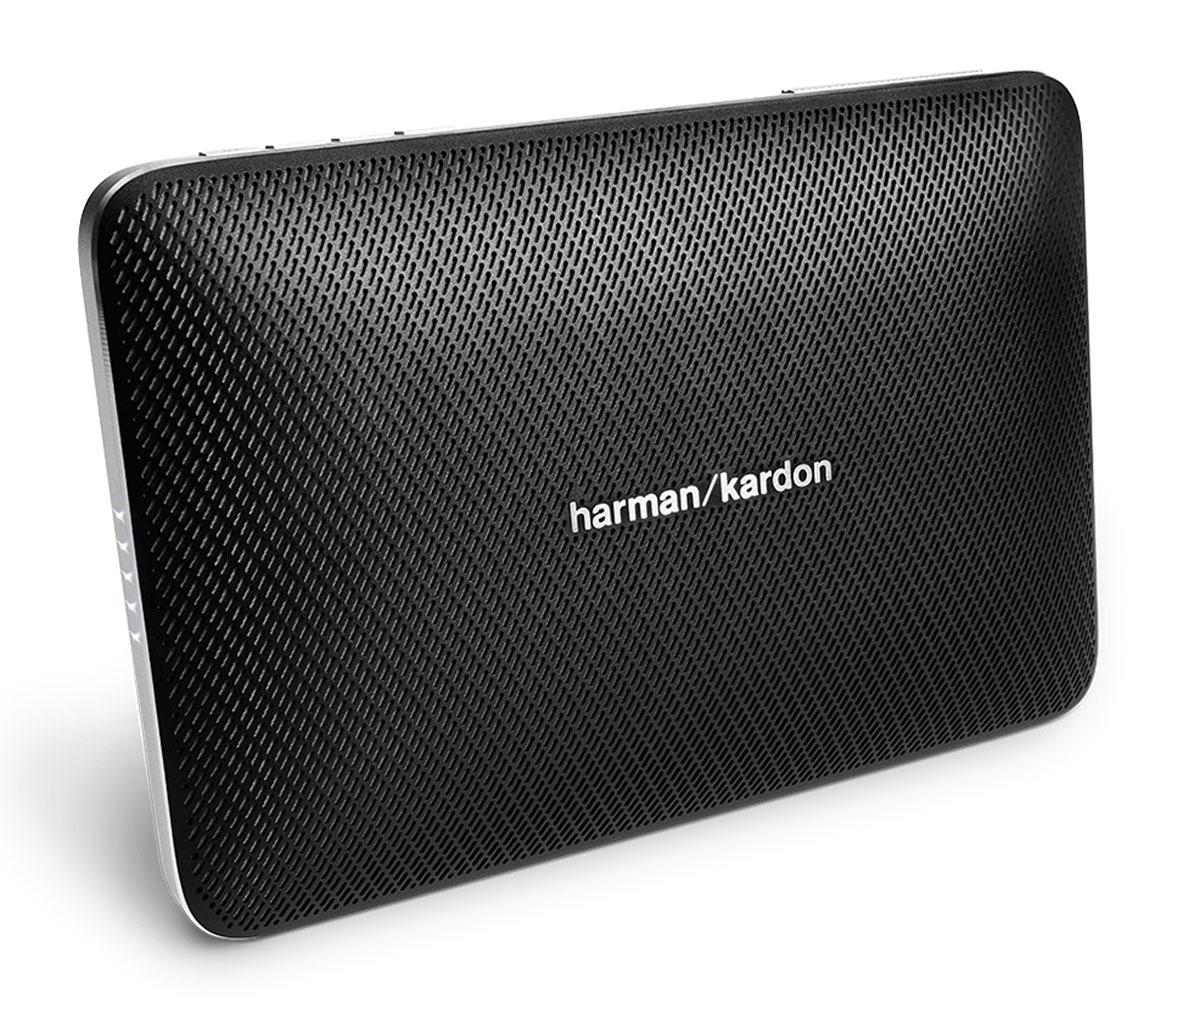 Harman Kardon Esquire 2, Black портативная акустическая системаHKESQUIRE2BLKHarman Kardon Esquire 2 - беспроводная Bluetooth-колонка, ставшая сосредоточением мастерства и производительности, высококачественных материалов и современных возможностей. Данная модель обеспечивает богатое высококлассное звучание благодаря передовым разработкам в акустике и четырем профессионально настроенным динамикам. Эта портативная колонка обладает технологией Bluetooth для беспроводного соединения, а также USB-портом для подзарядки телефонов и других устройств. Еще одно отличие Esquire 2 - беспрецедентная система конференцсвязи. Под цельным алюминиевым корпусом расположились четыре микрофона с технологией эхо- и шумпоподавления VoiceLogic с окружающим звучанием 360 градусов. Вы услышите все до последней буквы – даже в самых шумных местах. Исполненный в тонком форм-факторе и невесомом дизайне, Esquire 2 легко скользнет в чемодан или сумочку, но также станет центром притяжения в конференц-зале. Необязательно все время...